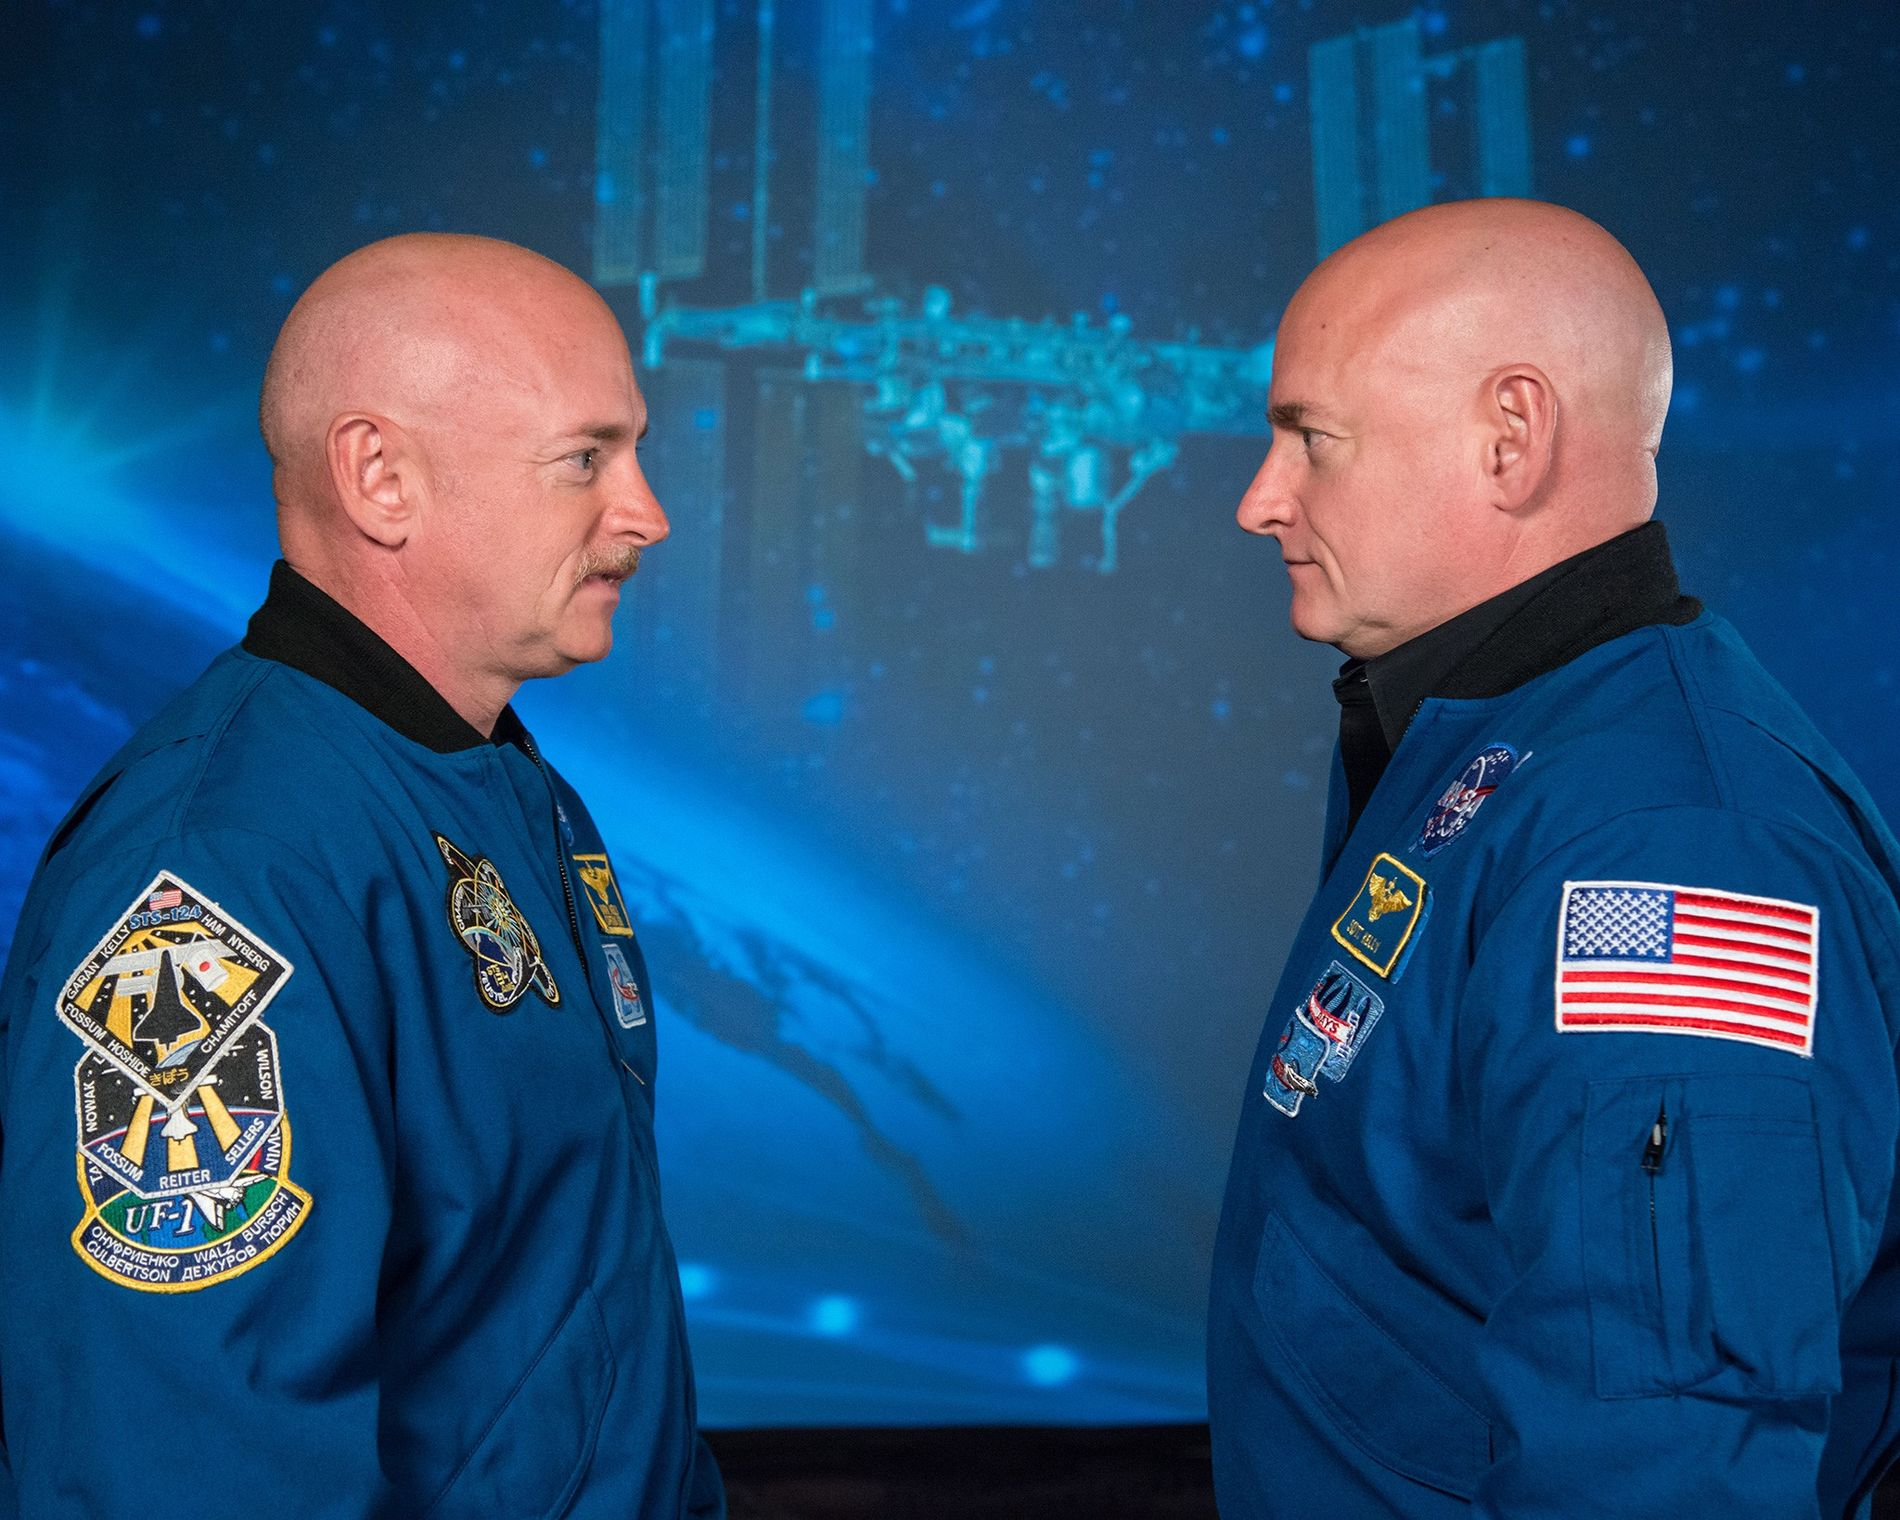 L'astronaute Scott Kelly (à droite) et son frère jumeau, l'ex-astronaute Mark Kelly, donnent une conférence de presse avant le départ de Scott pour sa mission d'un an à bord de la Station spatiale internationale.